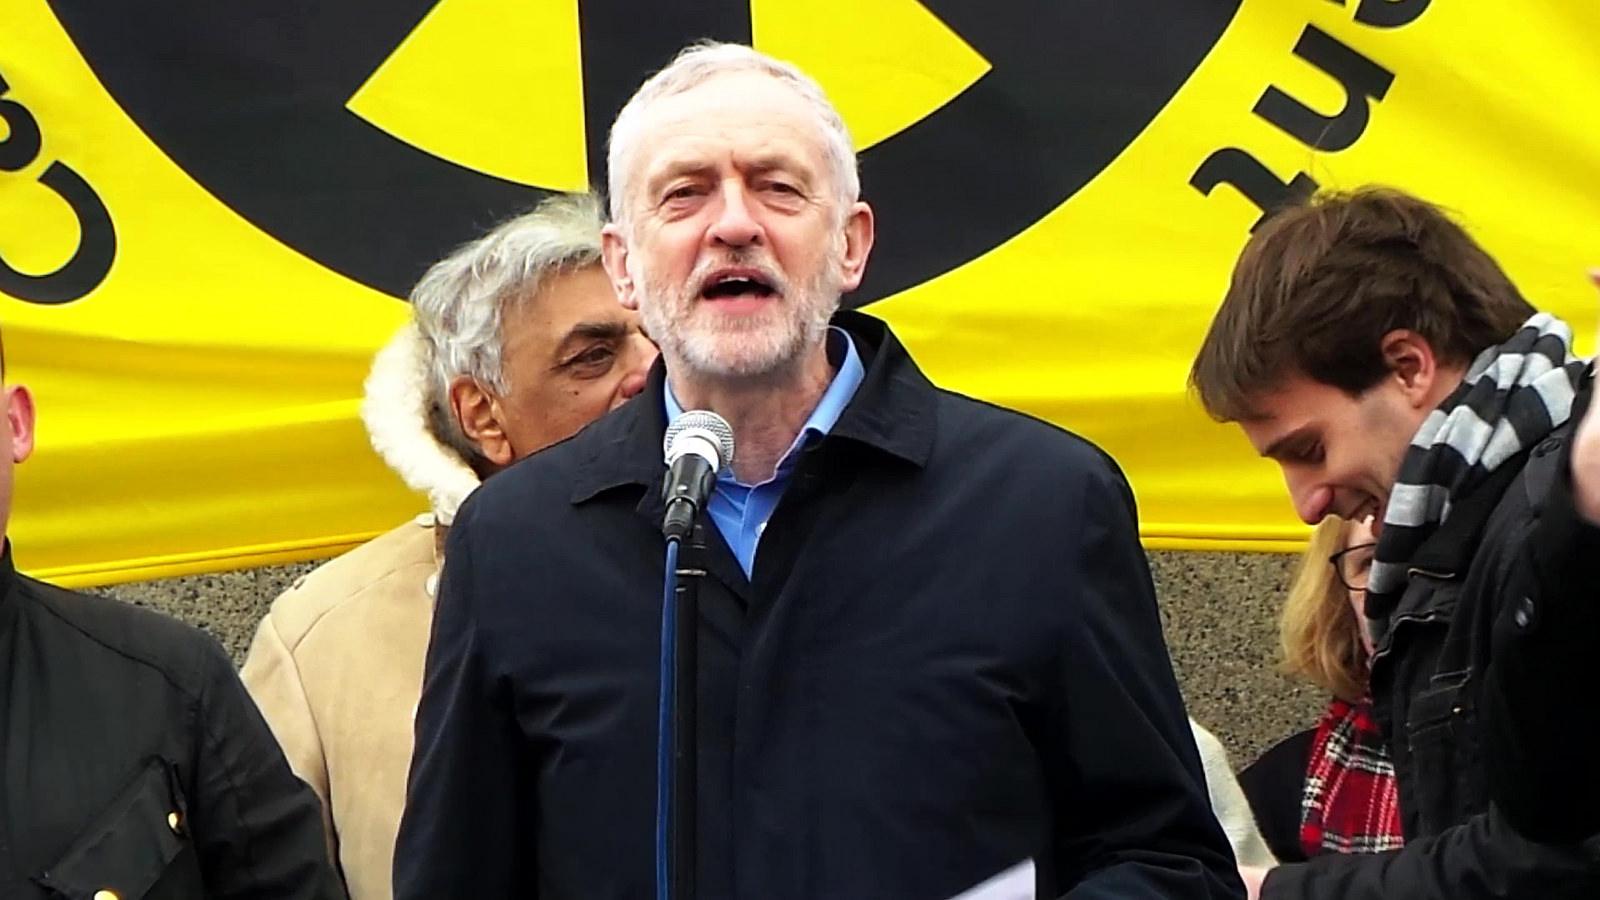 Los laboristas británicos se suman a la ola antiestablishment, ¿cómo debe ser ese populismo de izquierdas?